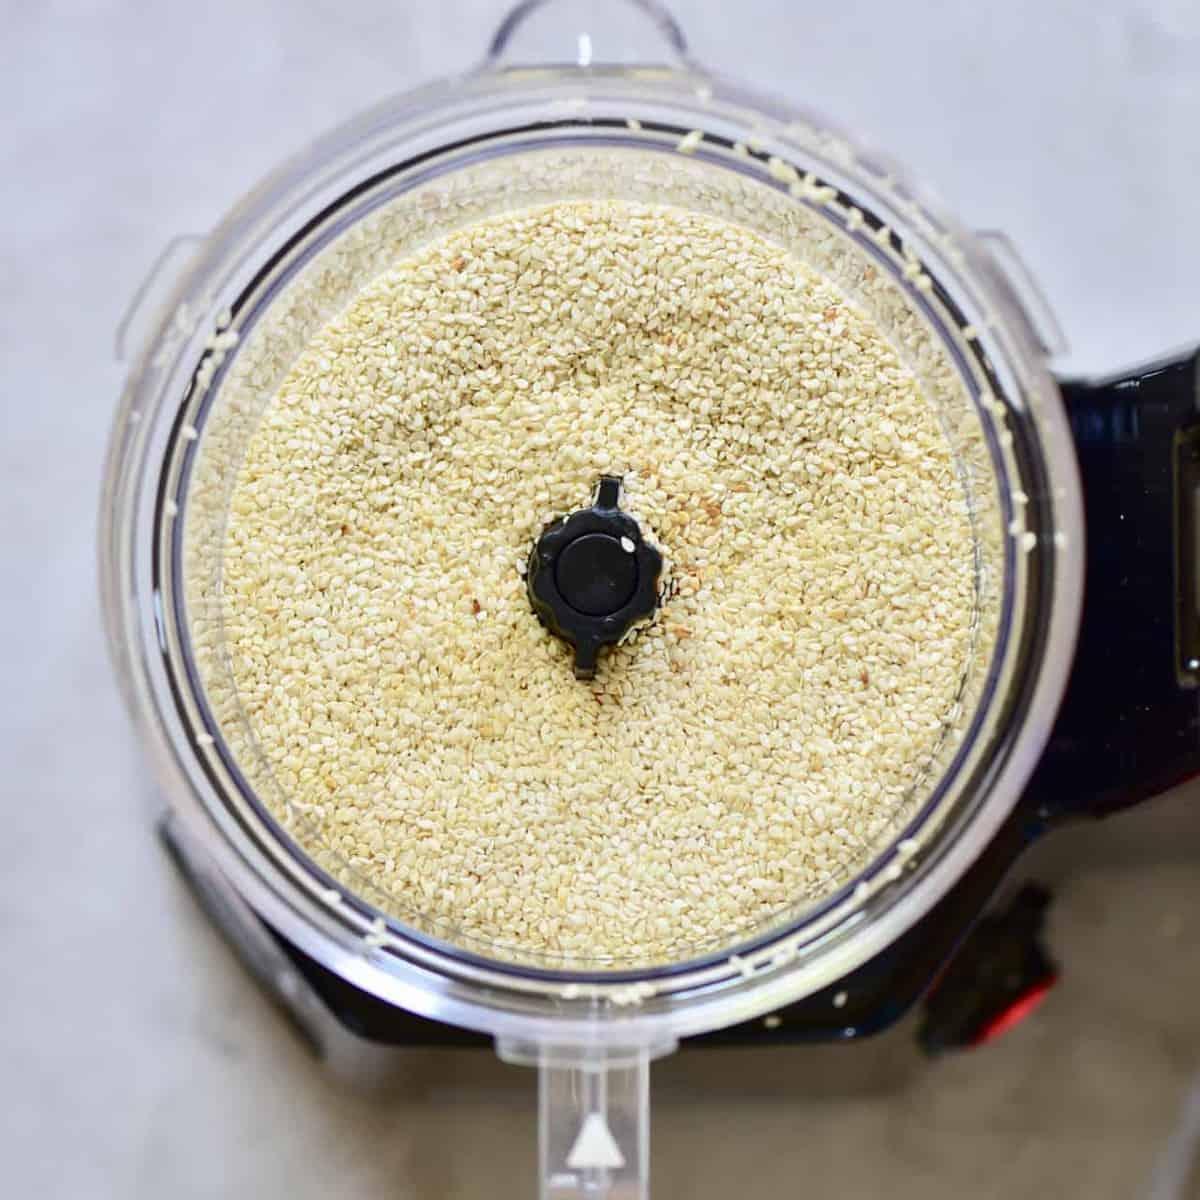 sesame seeds in a blender